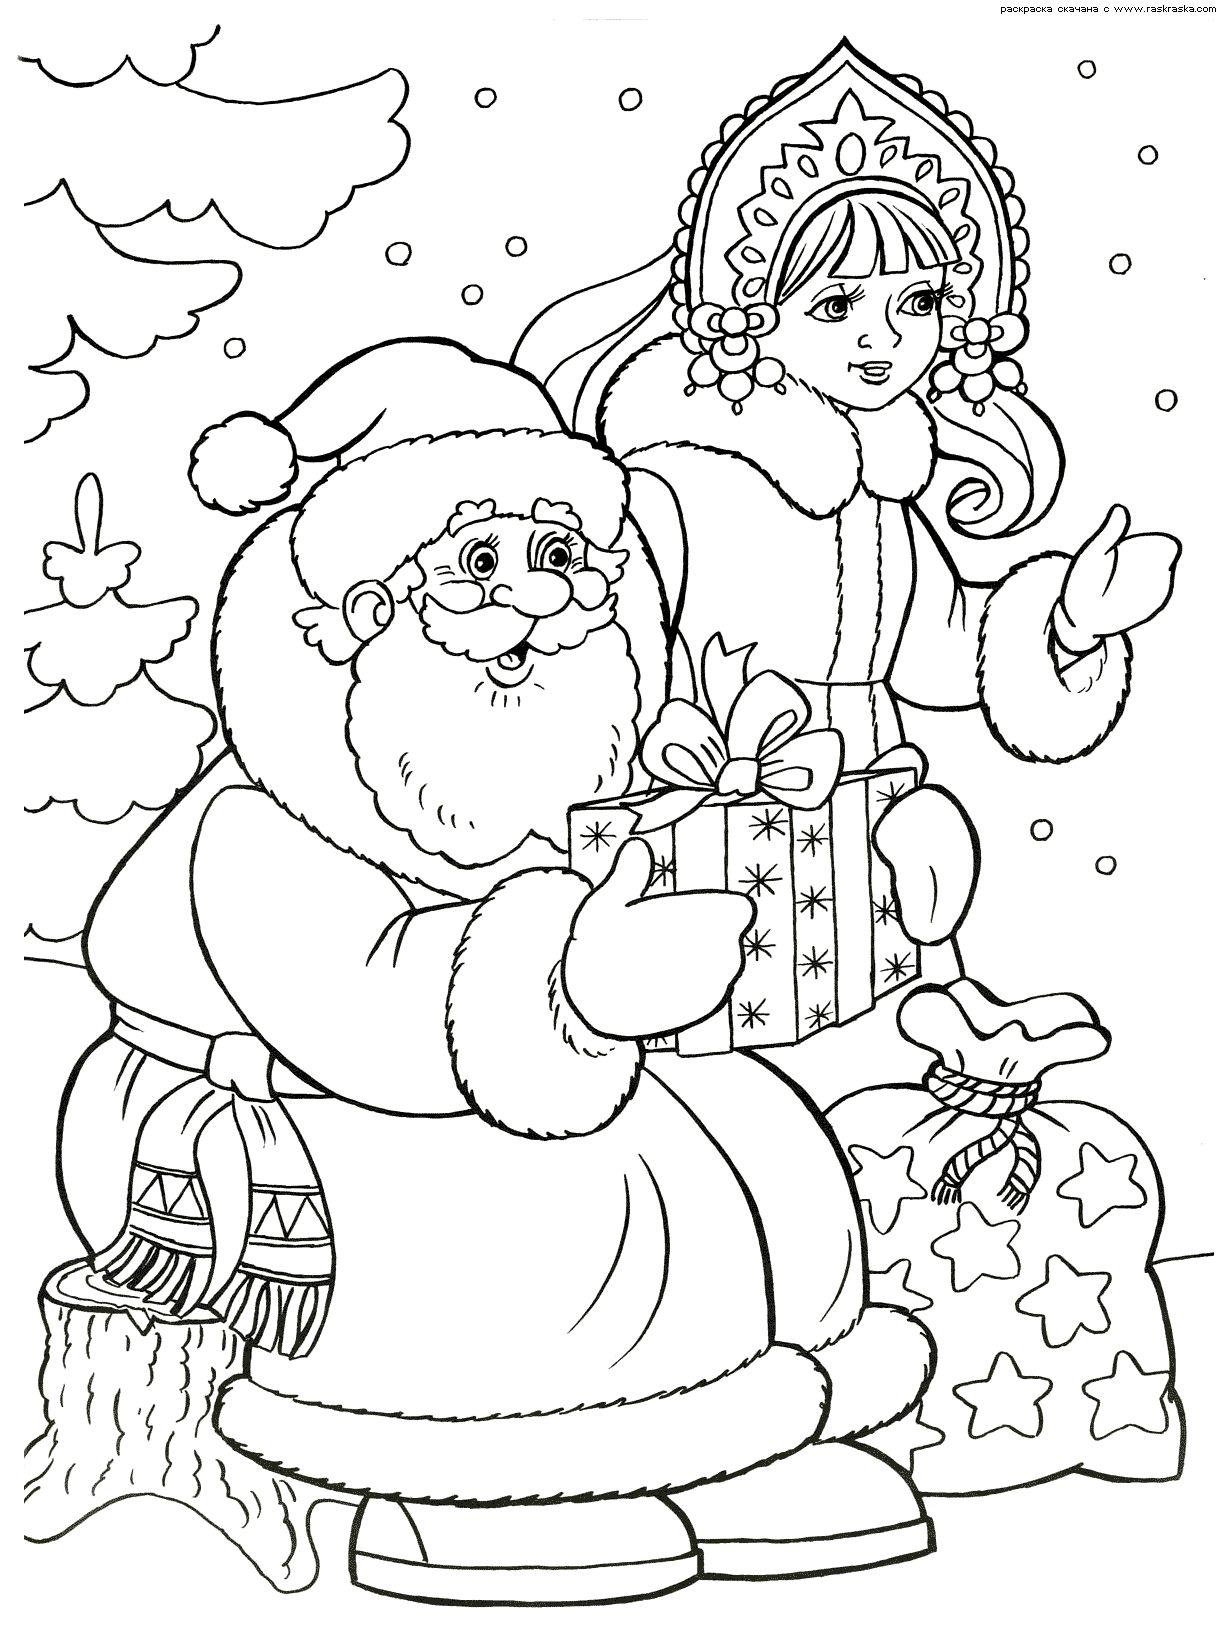 Распечатать раскраски для деда мороза и снегурочки